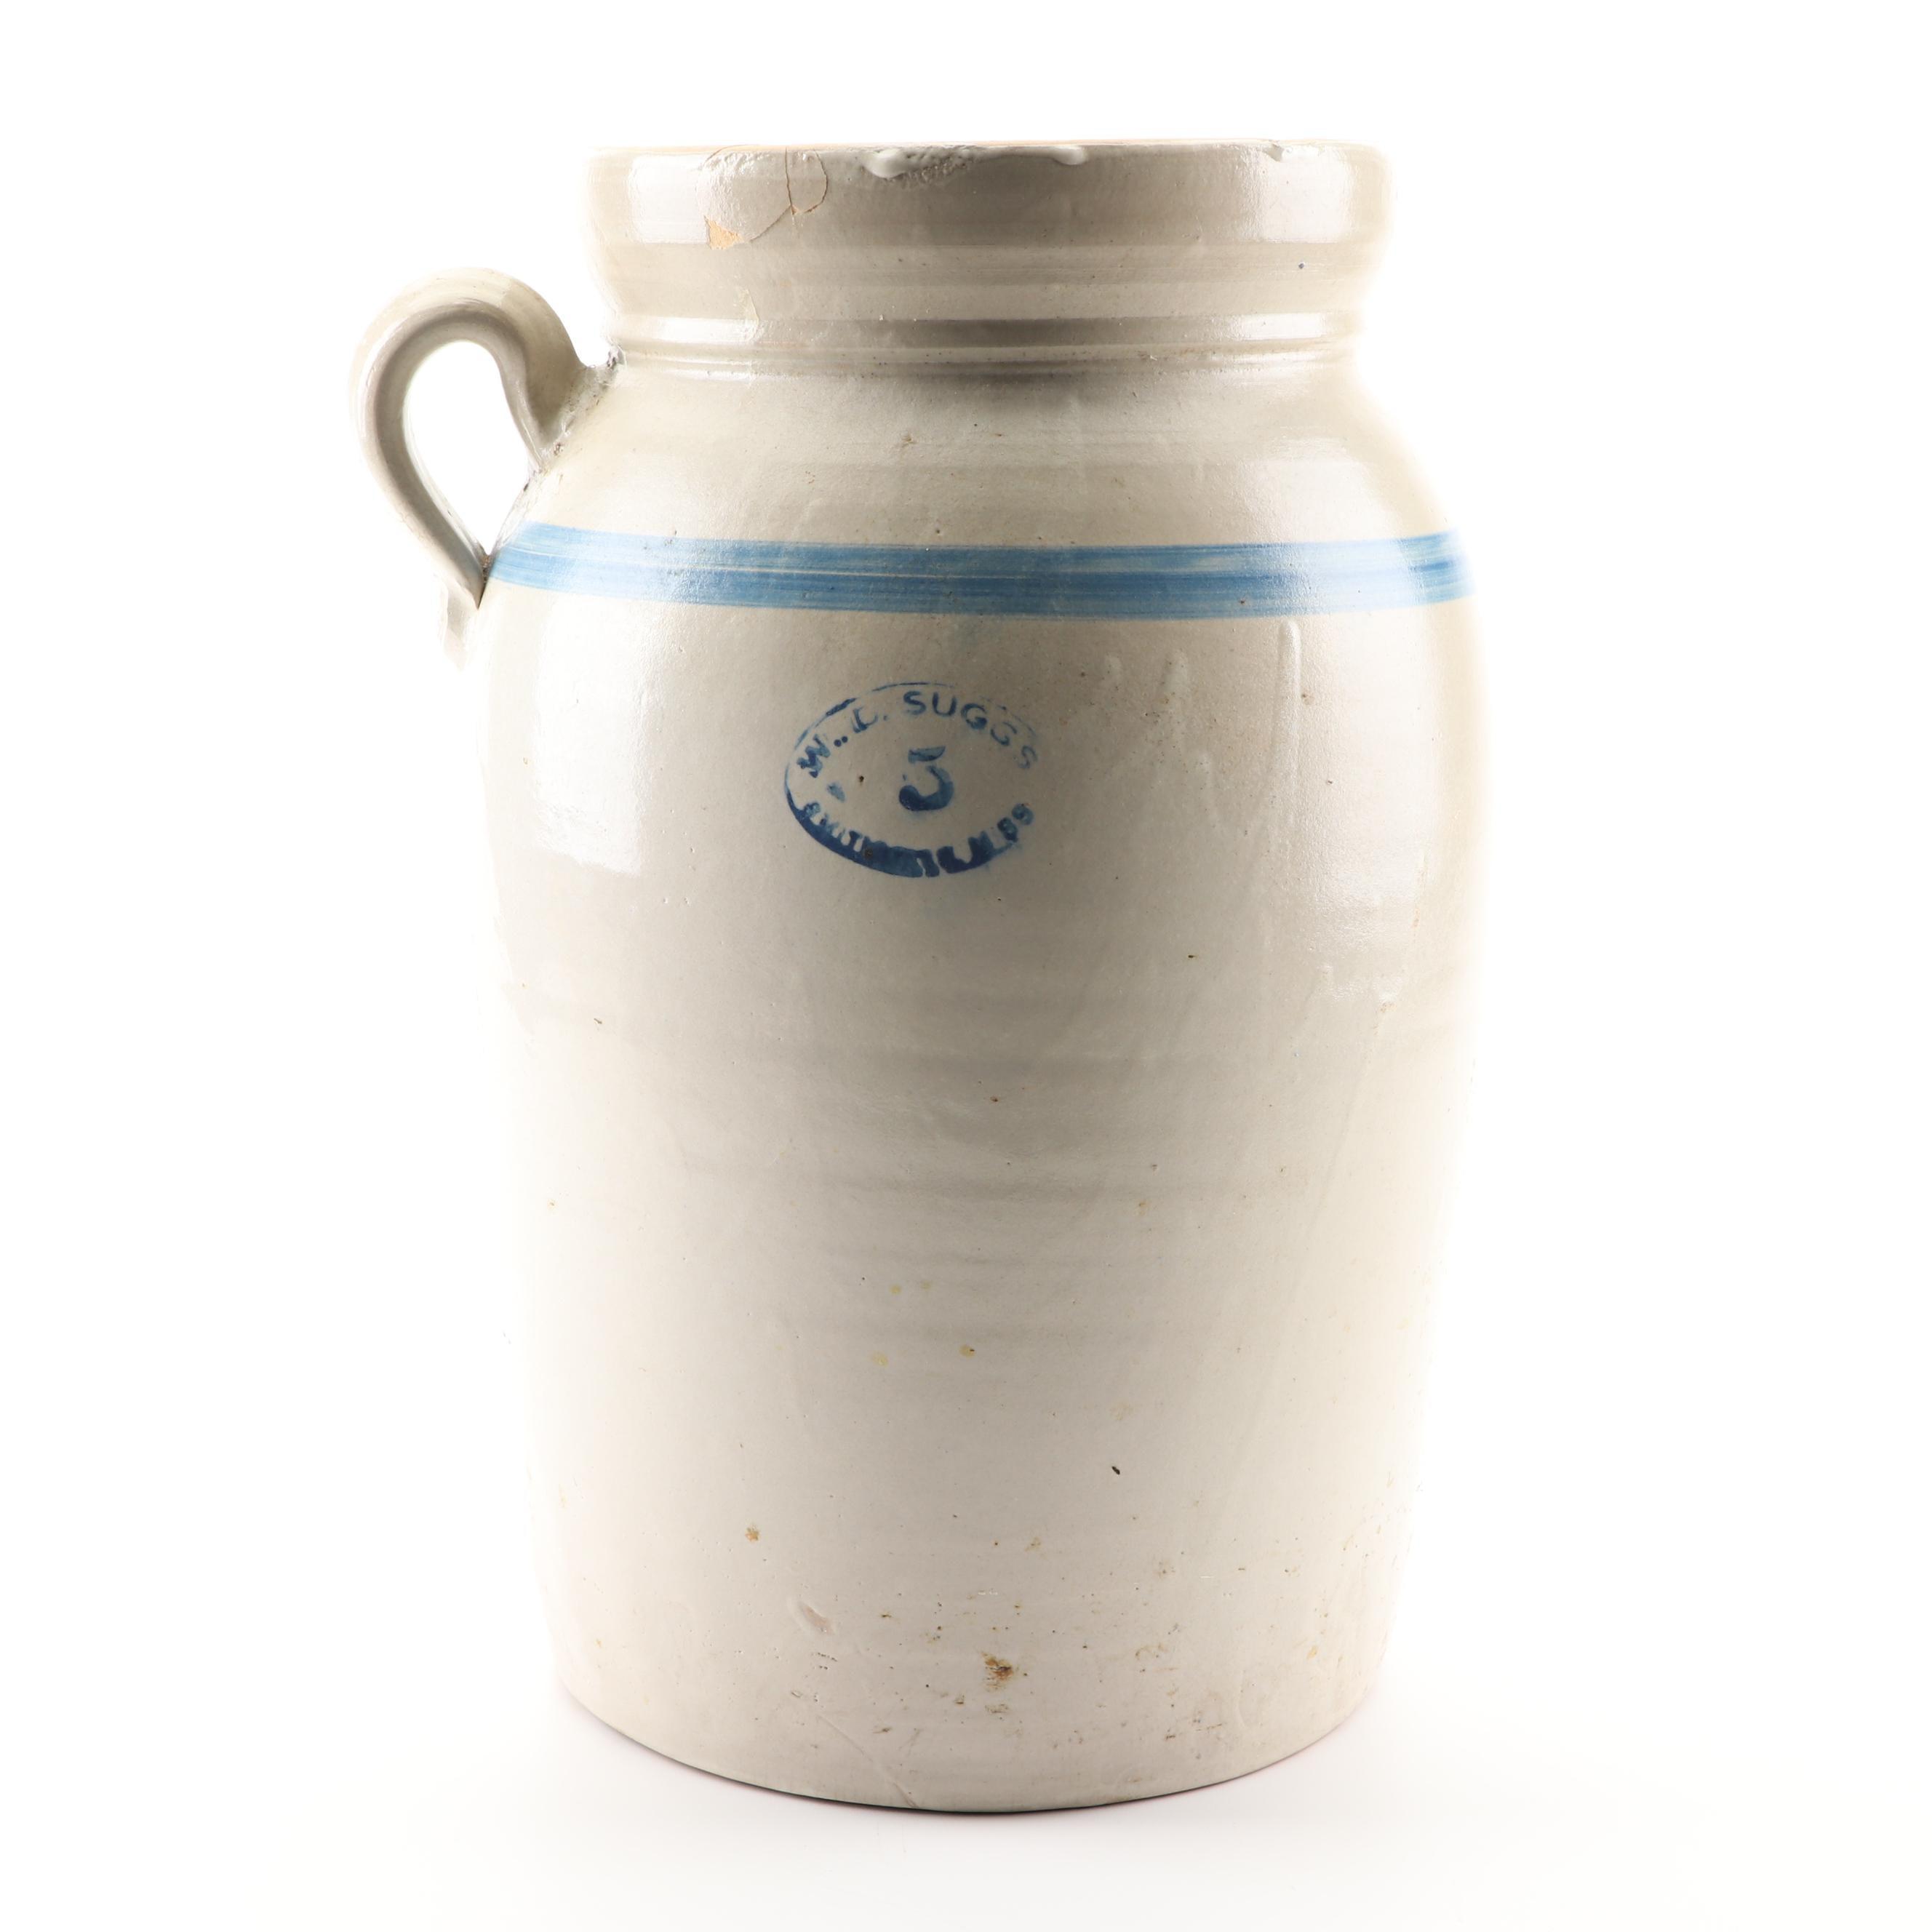 W.D. Suggs Five-Gallon Stoneware Crock